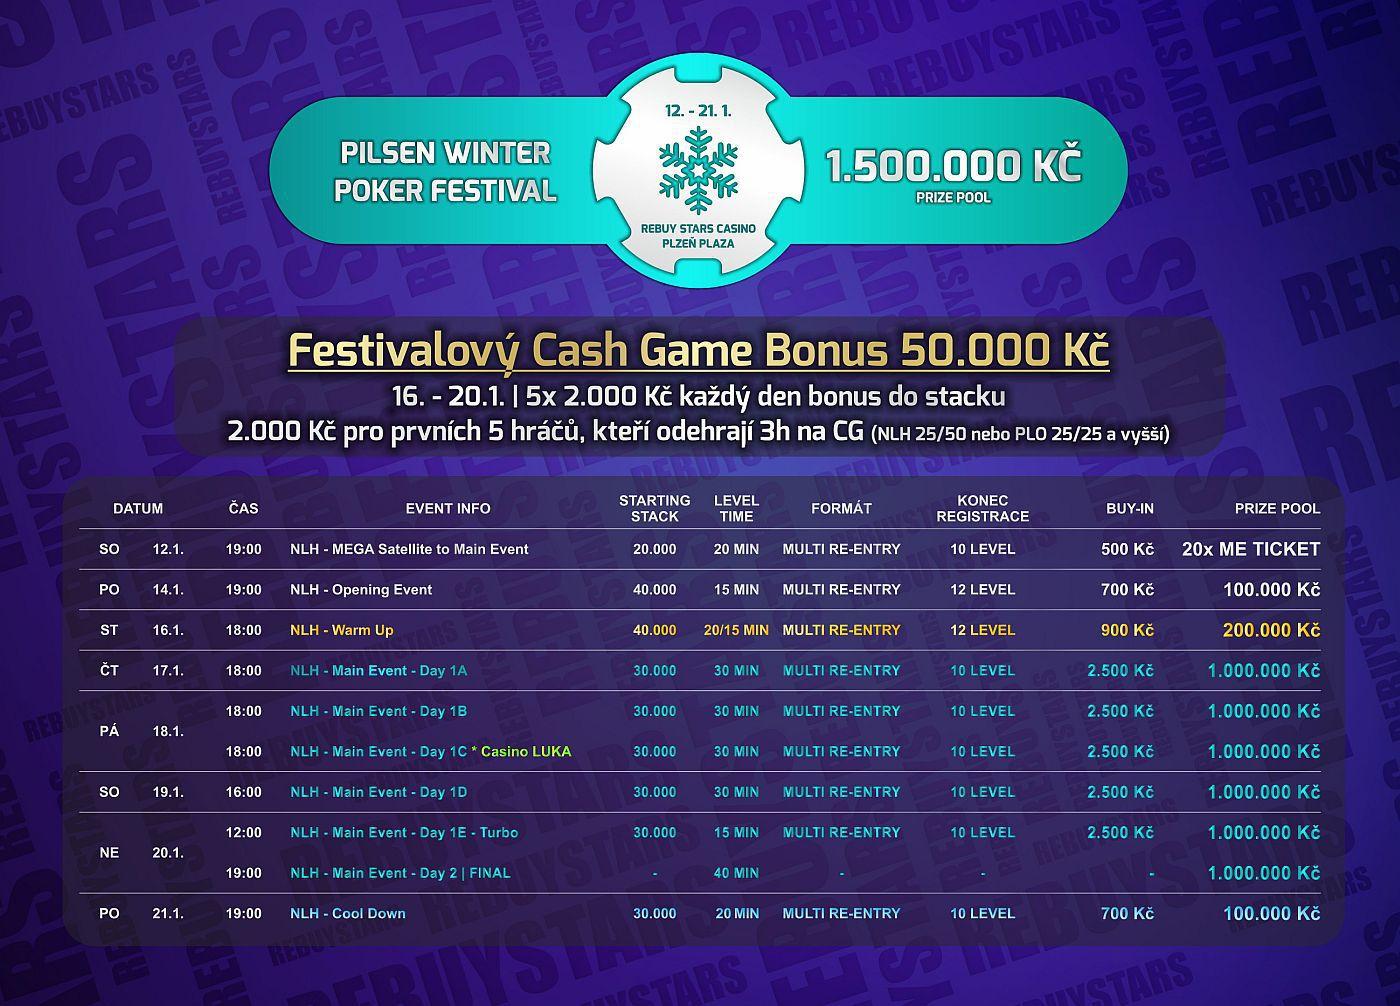 55da70cd1a0e Kompletní program festivalu Pilsen Winter Poker Festival v RebuyStars kasinu